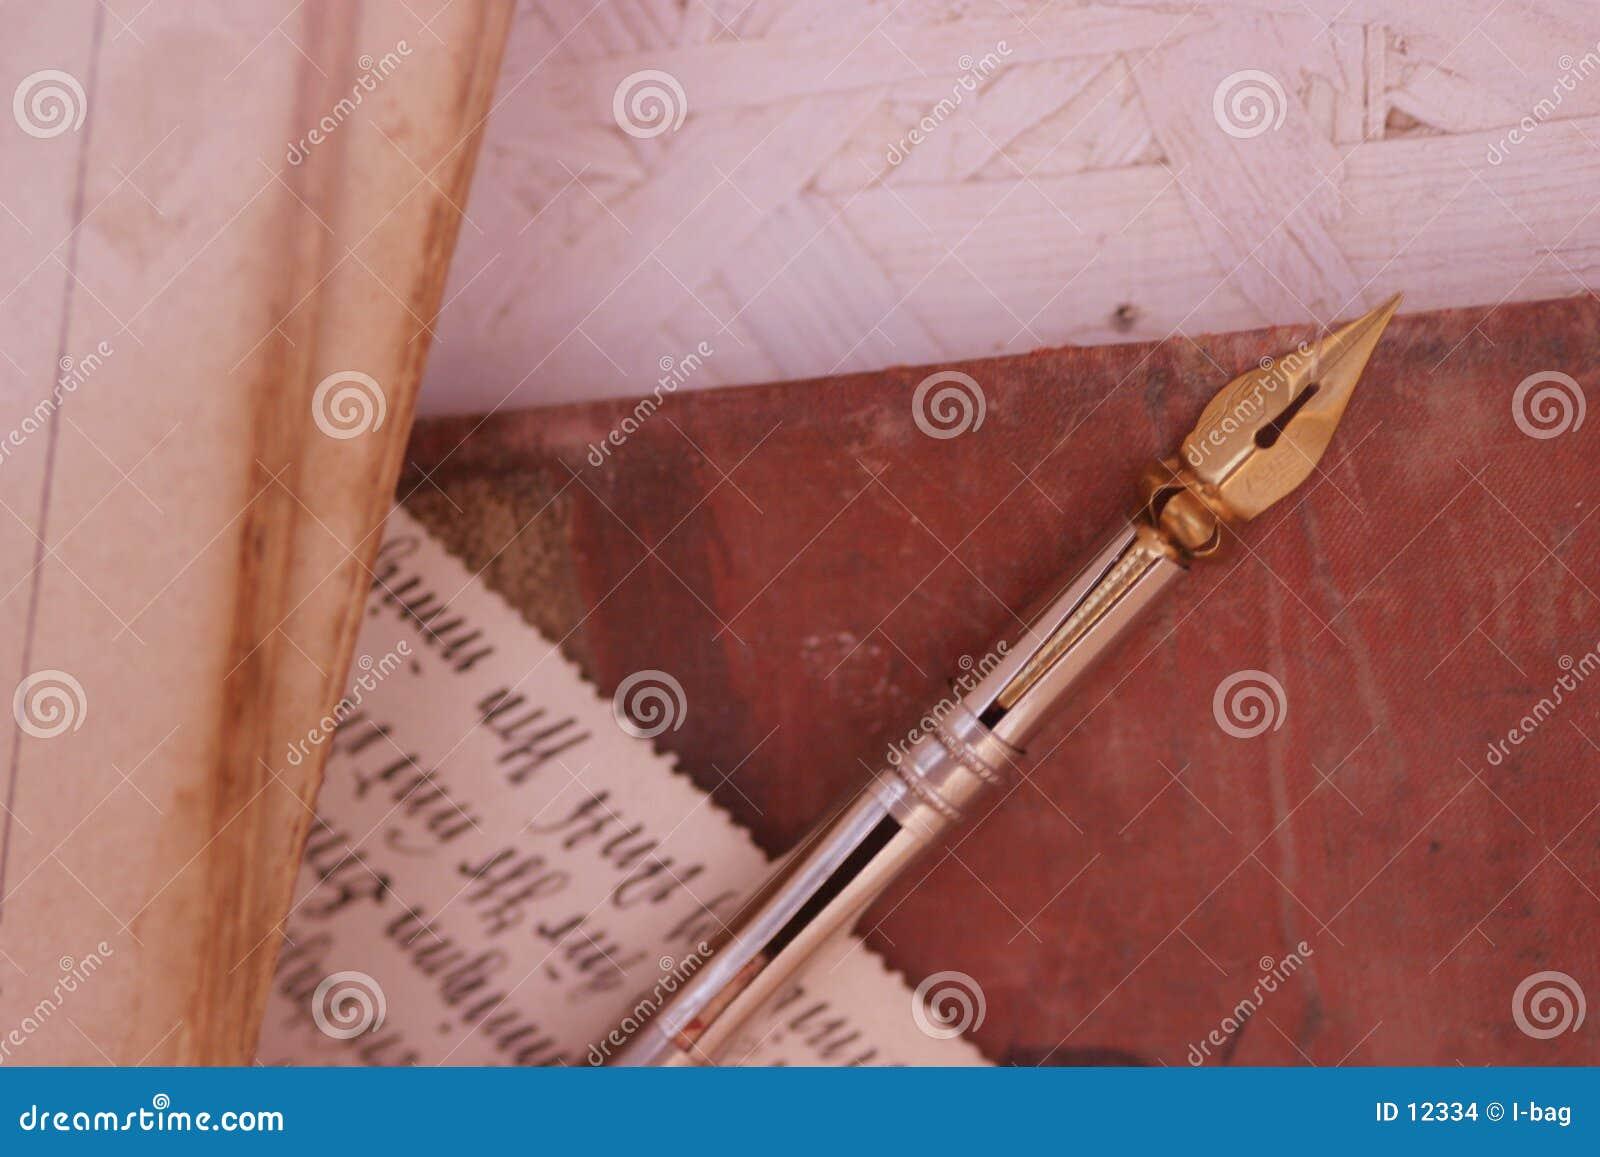 手写老铅笔